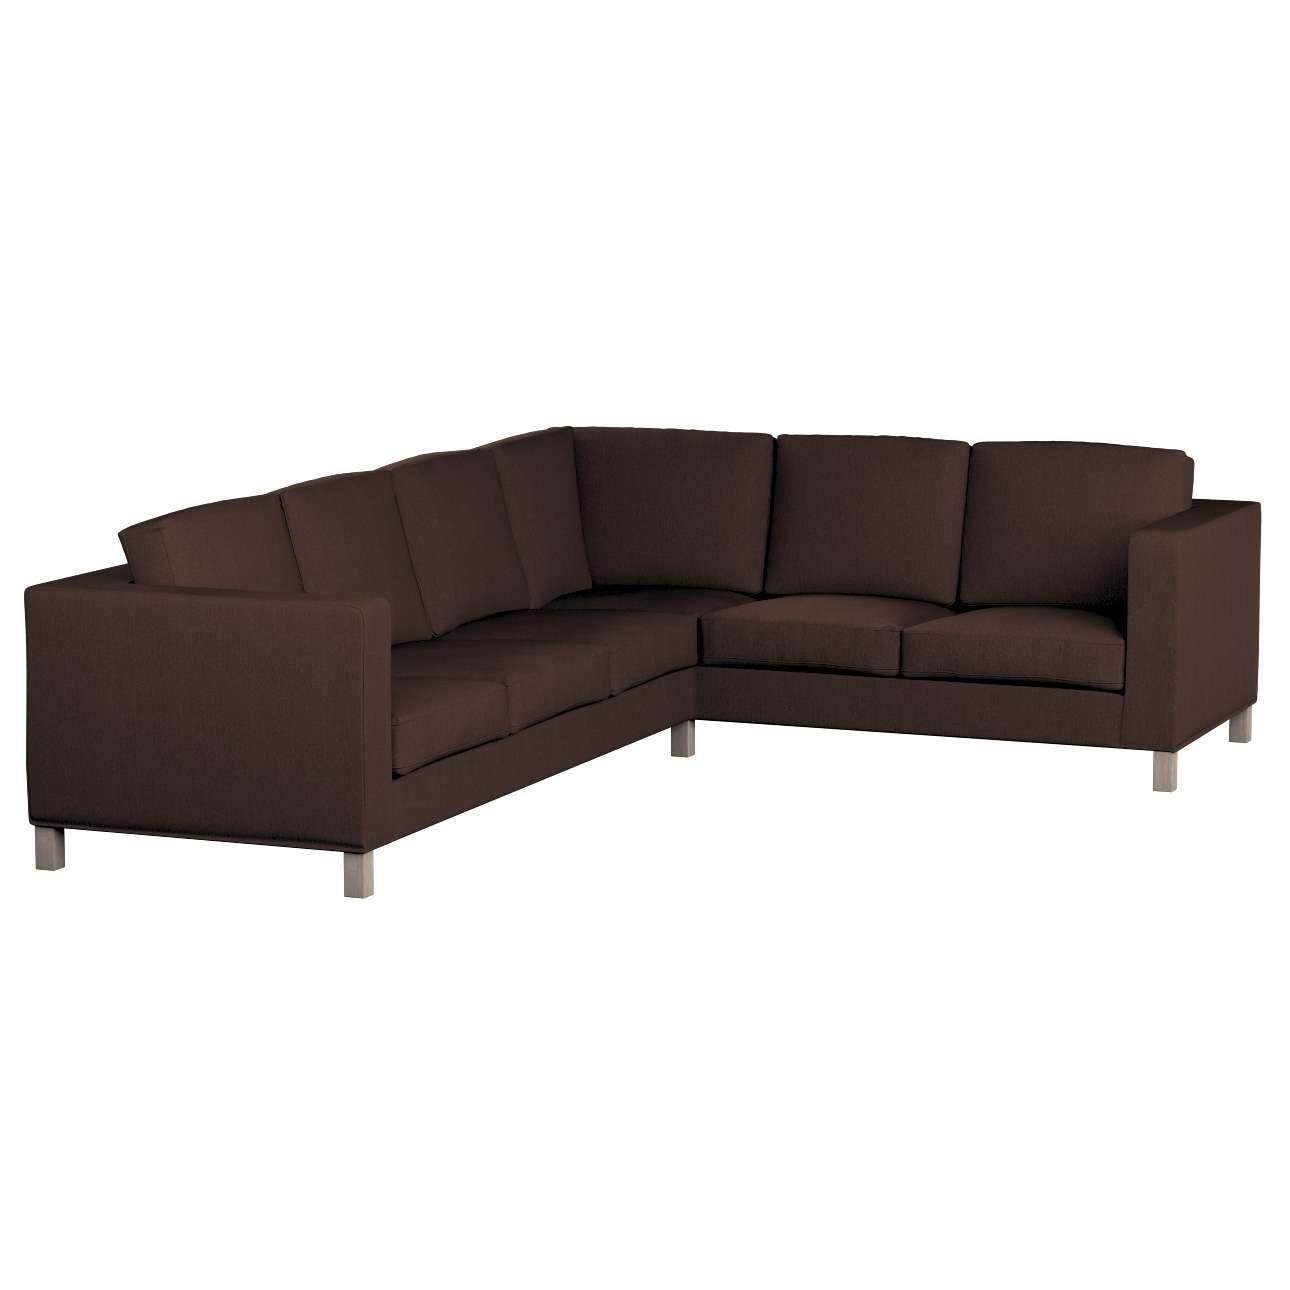 Pokrowiec na sofę narożną lewostronną Karlanda Sofa narożna lewostronna Karlanda w kolekcji Chenille, tkanina: 702-18